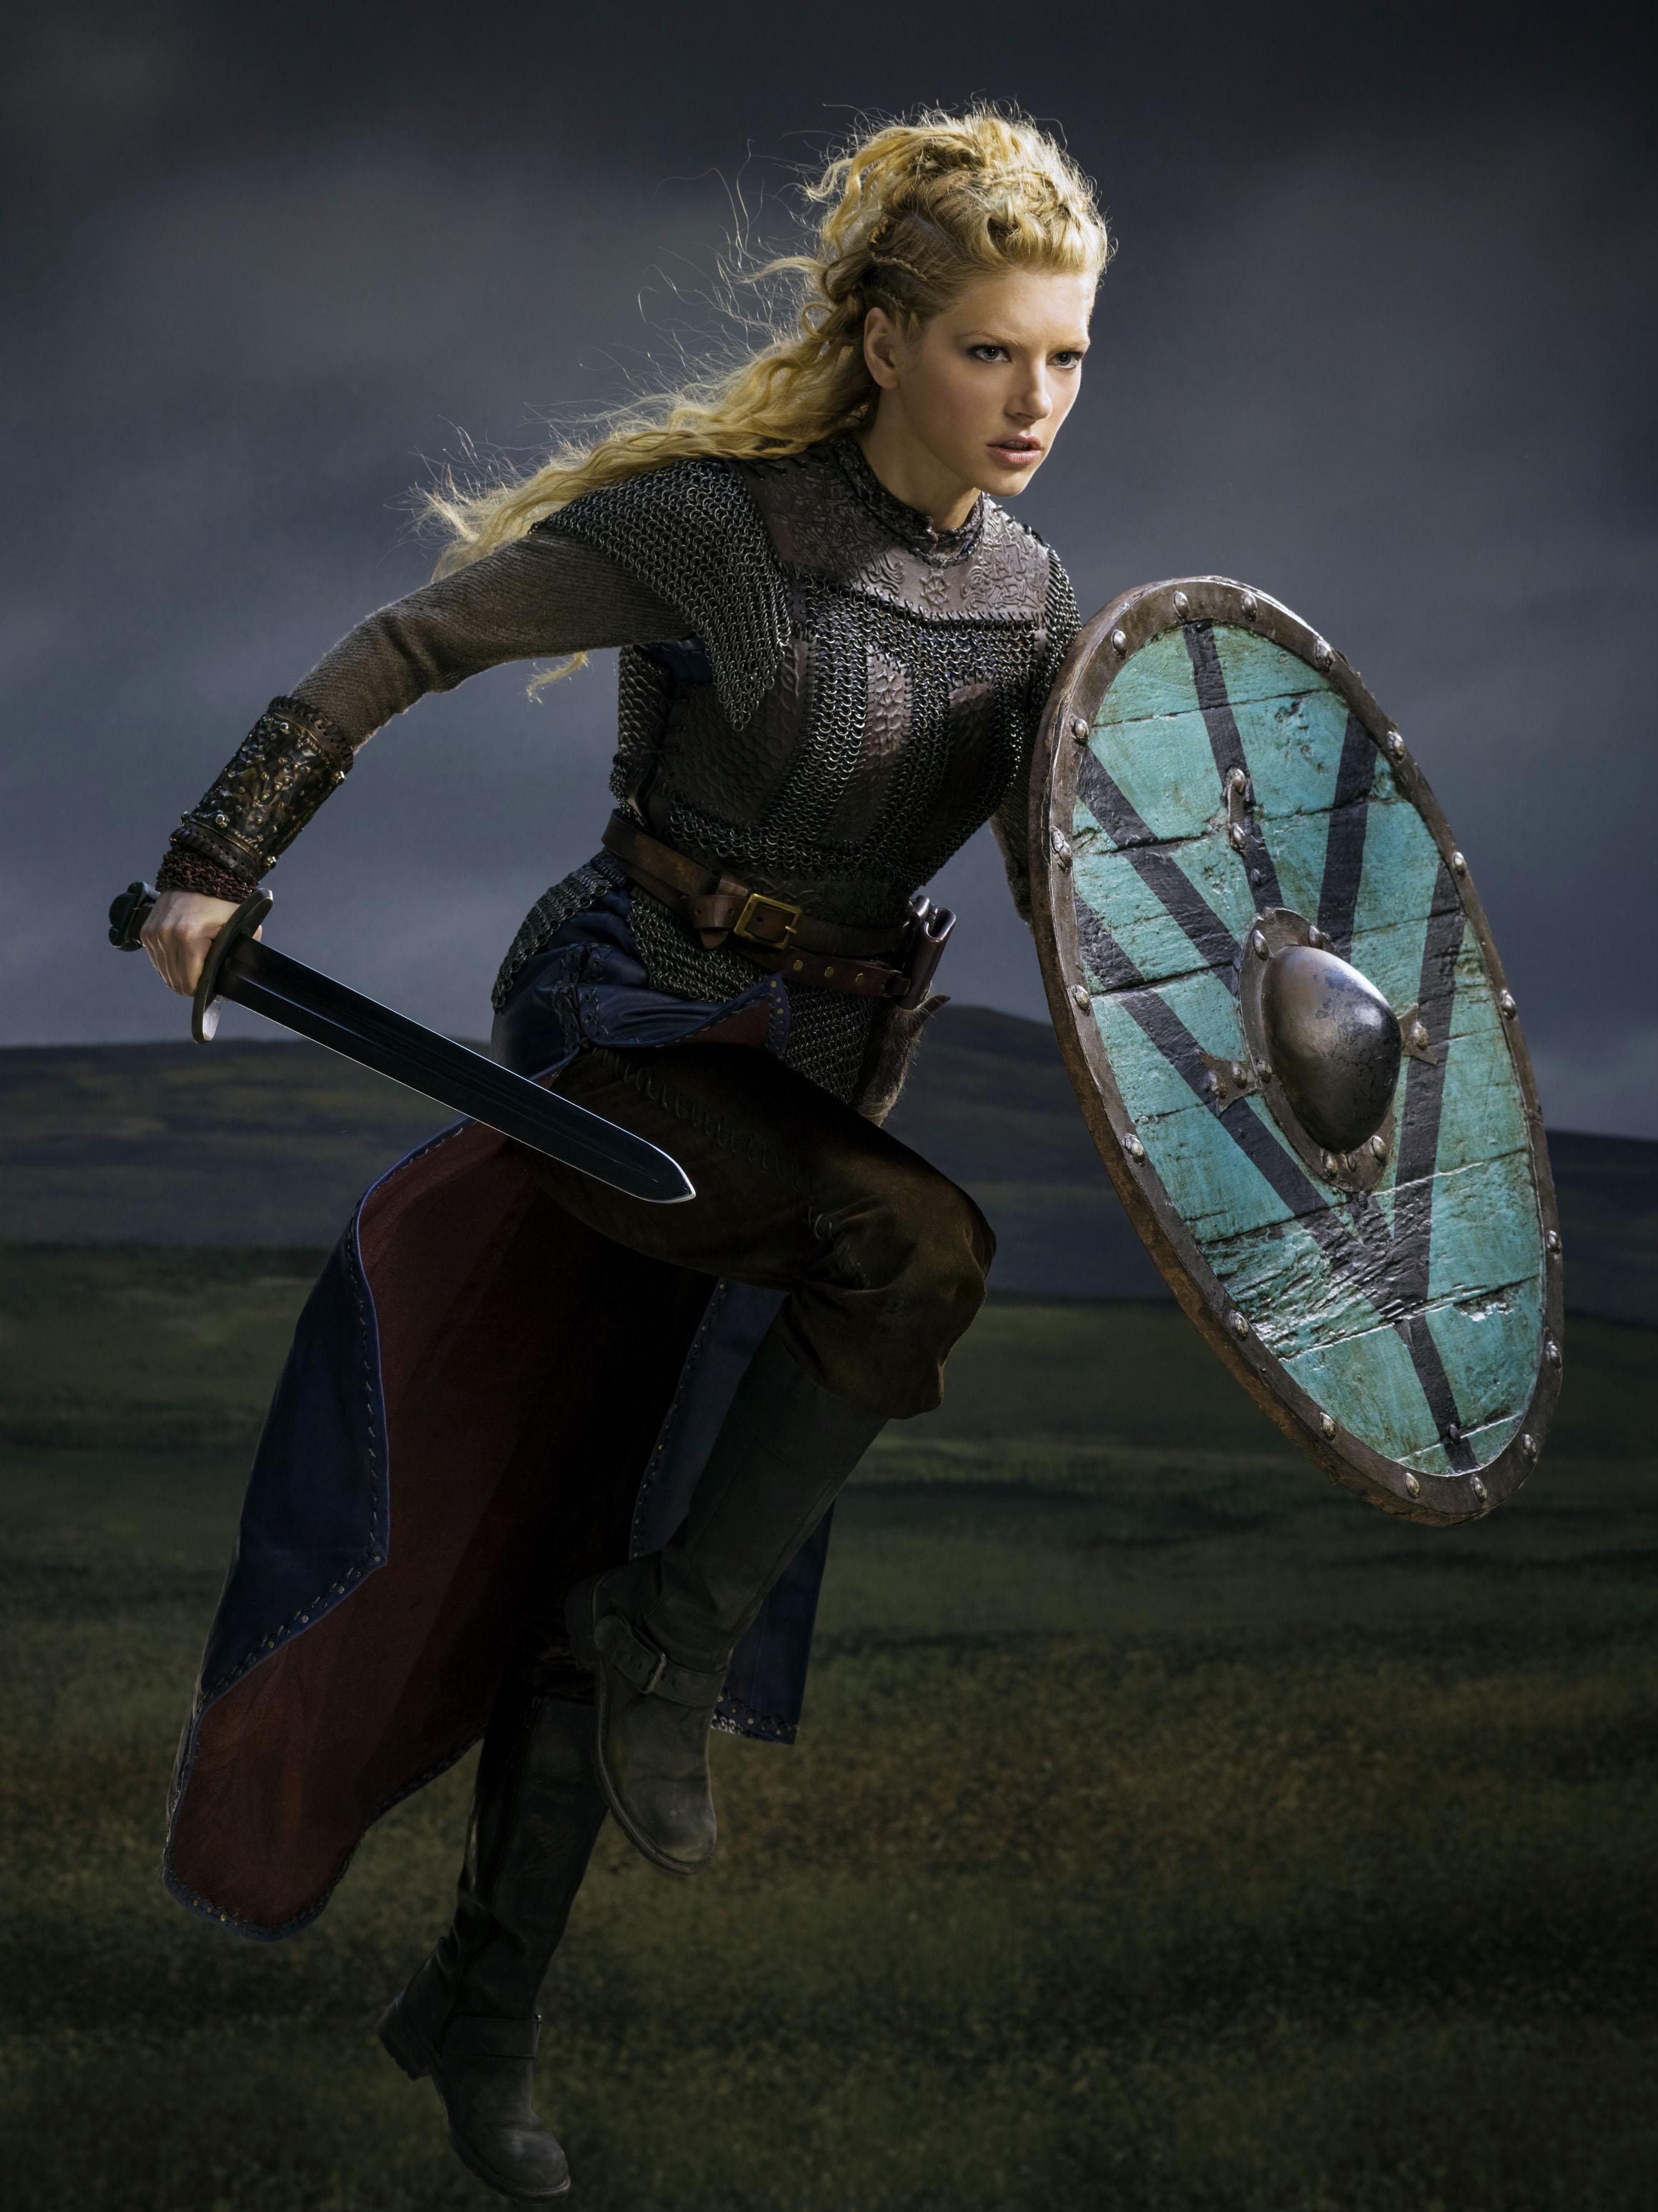 shieldmaid lagertha